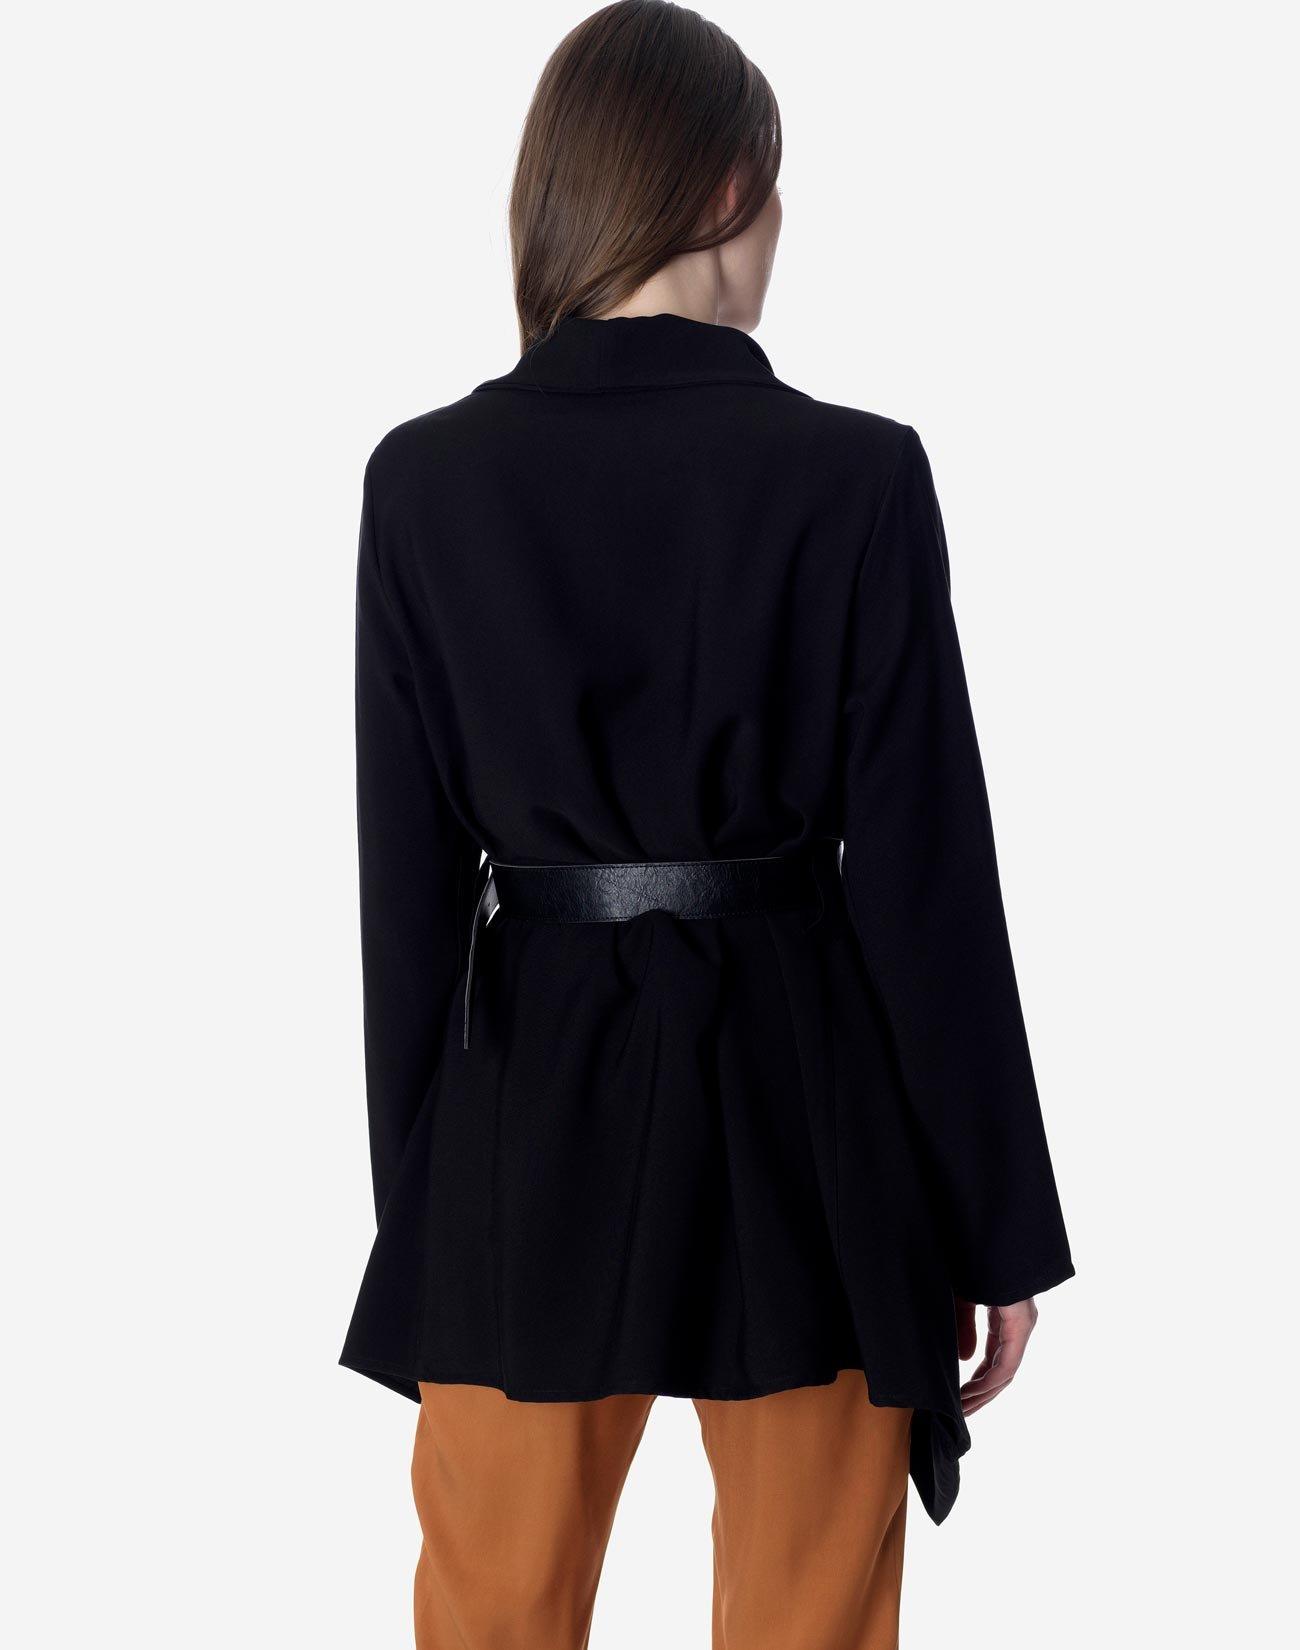 Asymmetrical jacket with belt